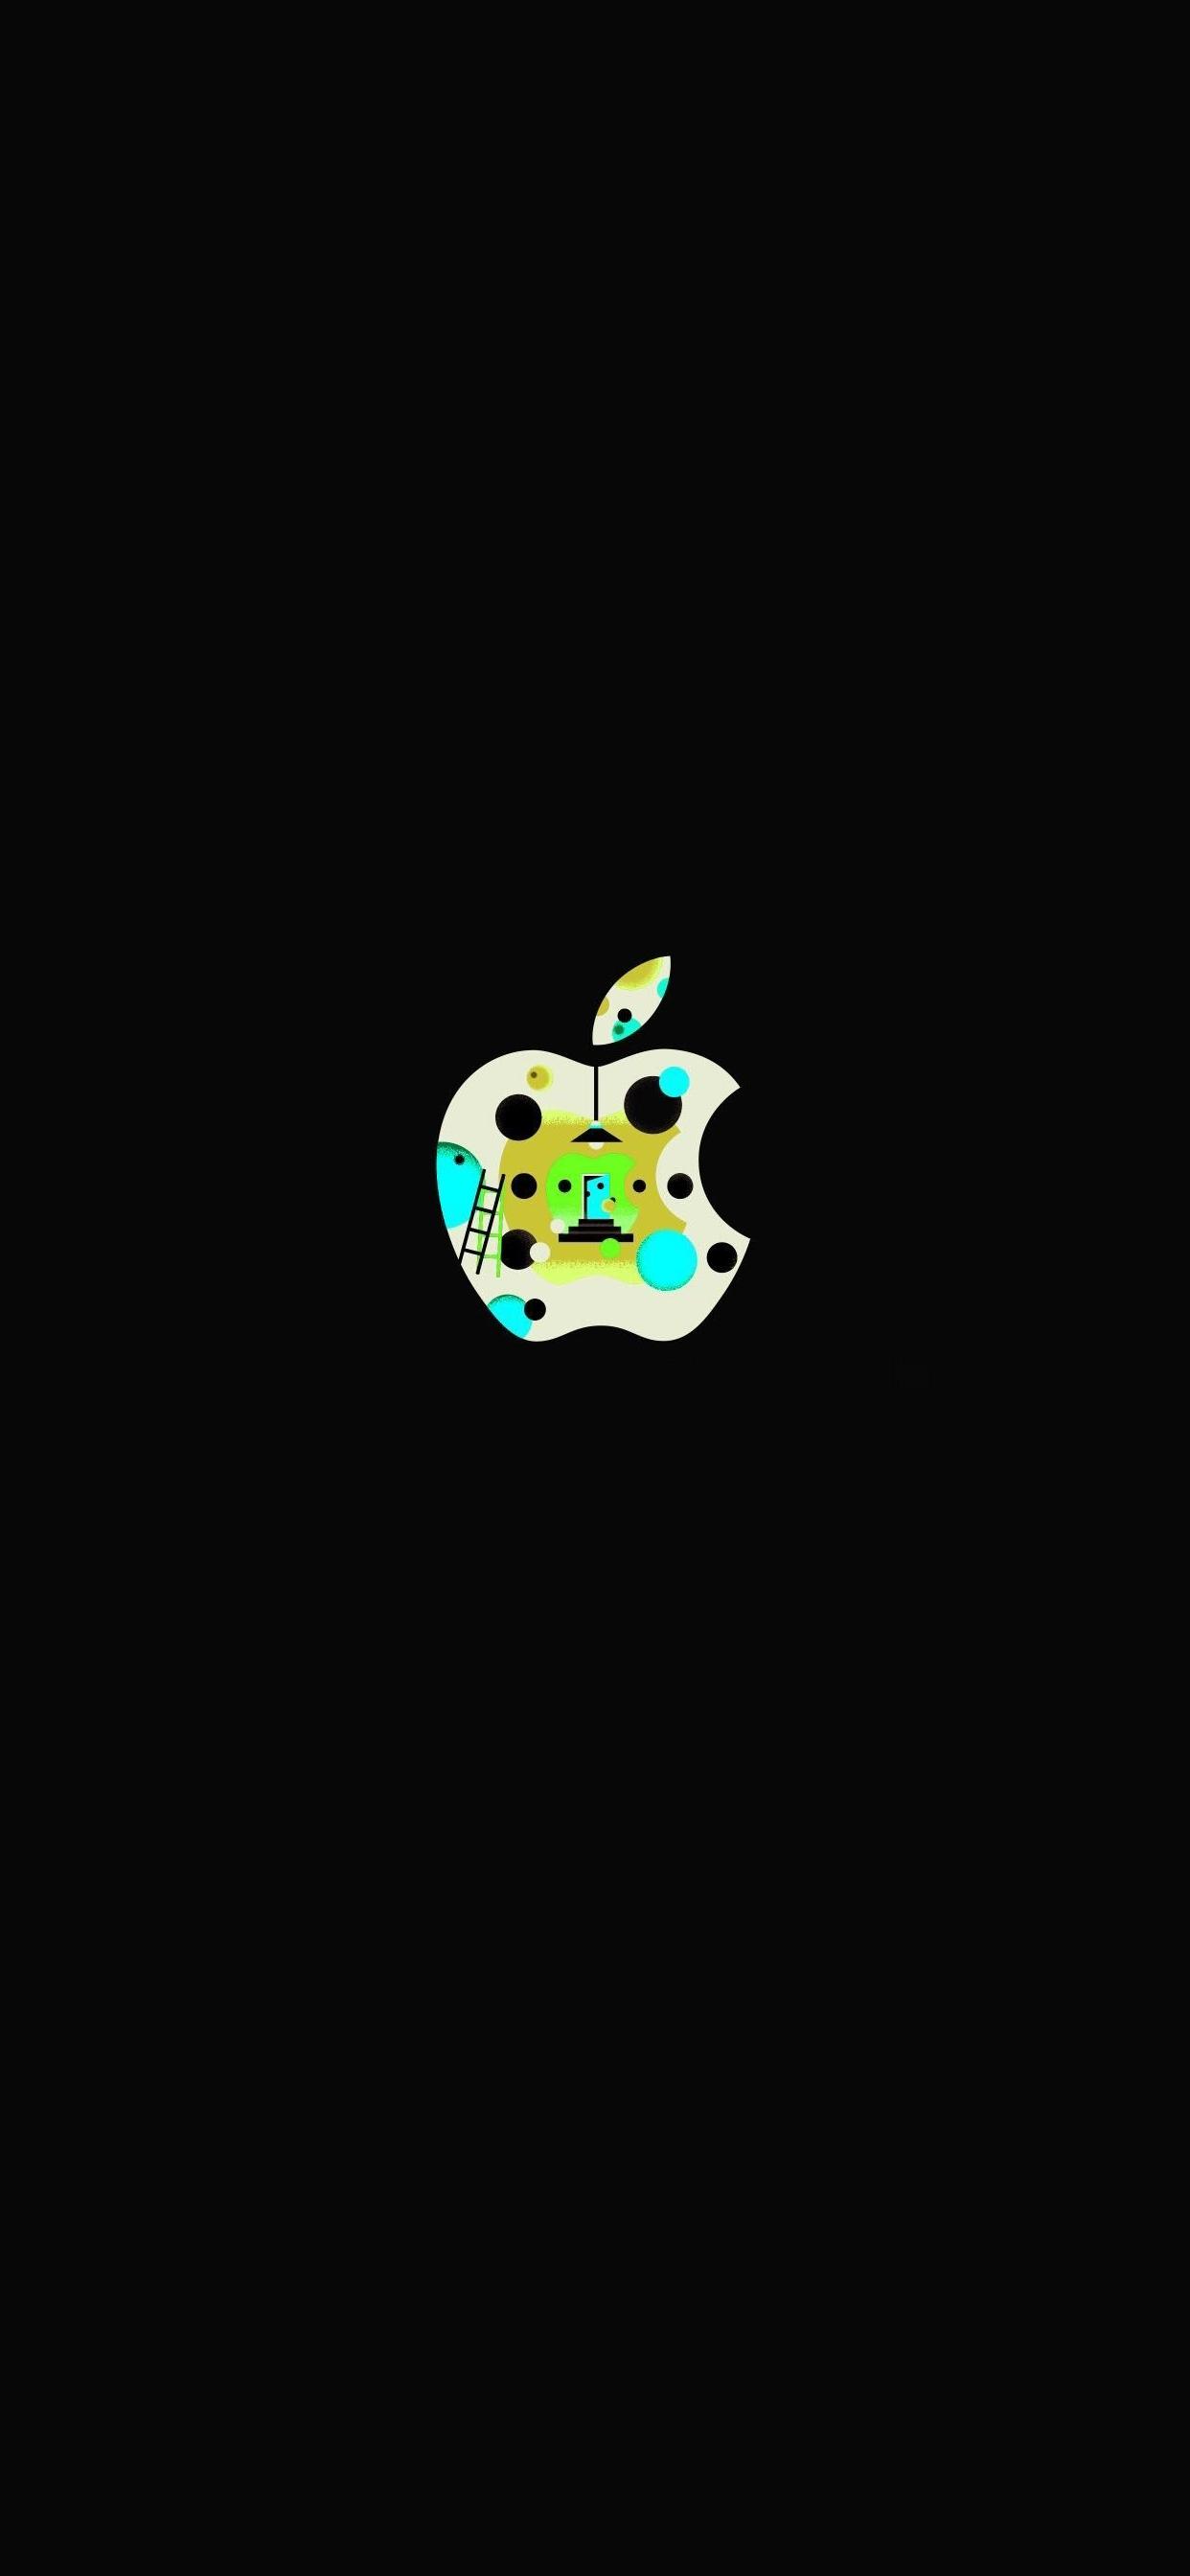 iPhone wallpaper apple logo 28 Fonds décran noirs avec le logo Apple en très haute résolution